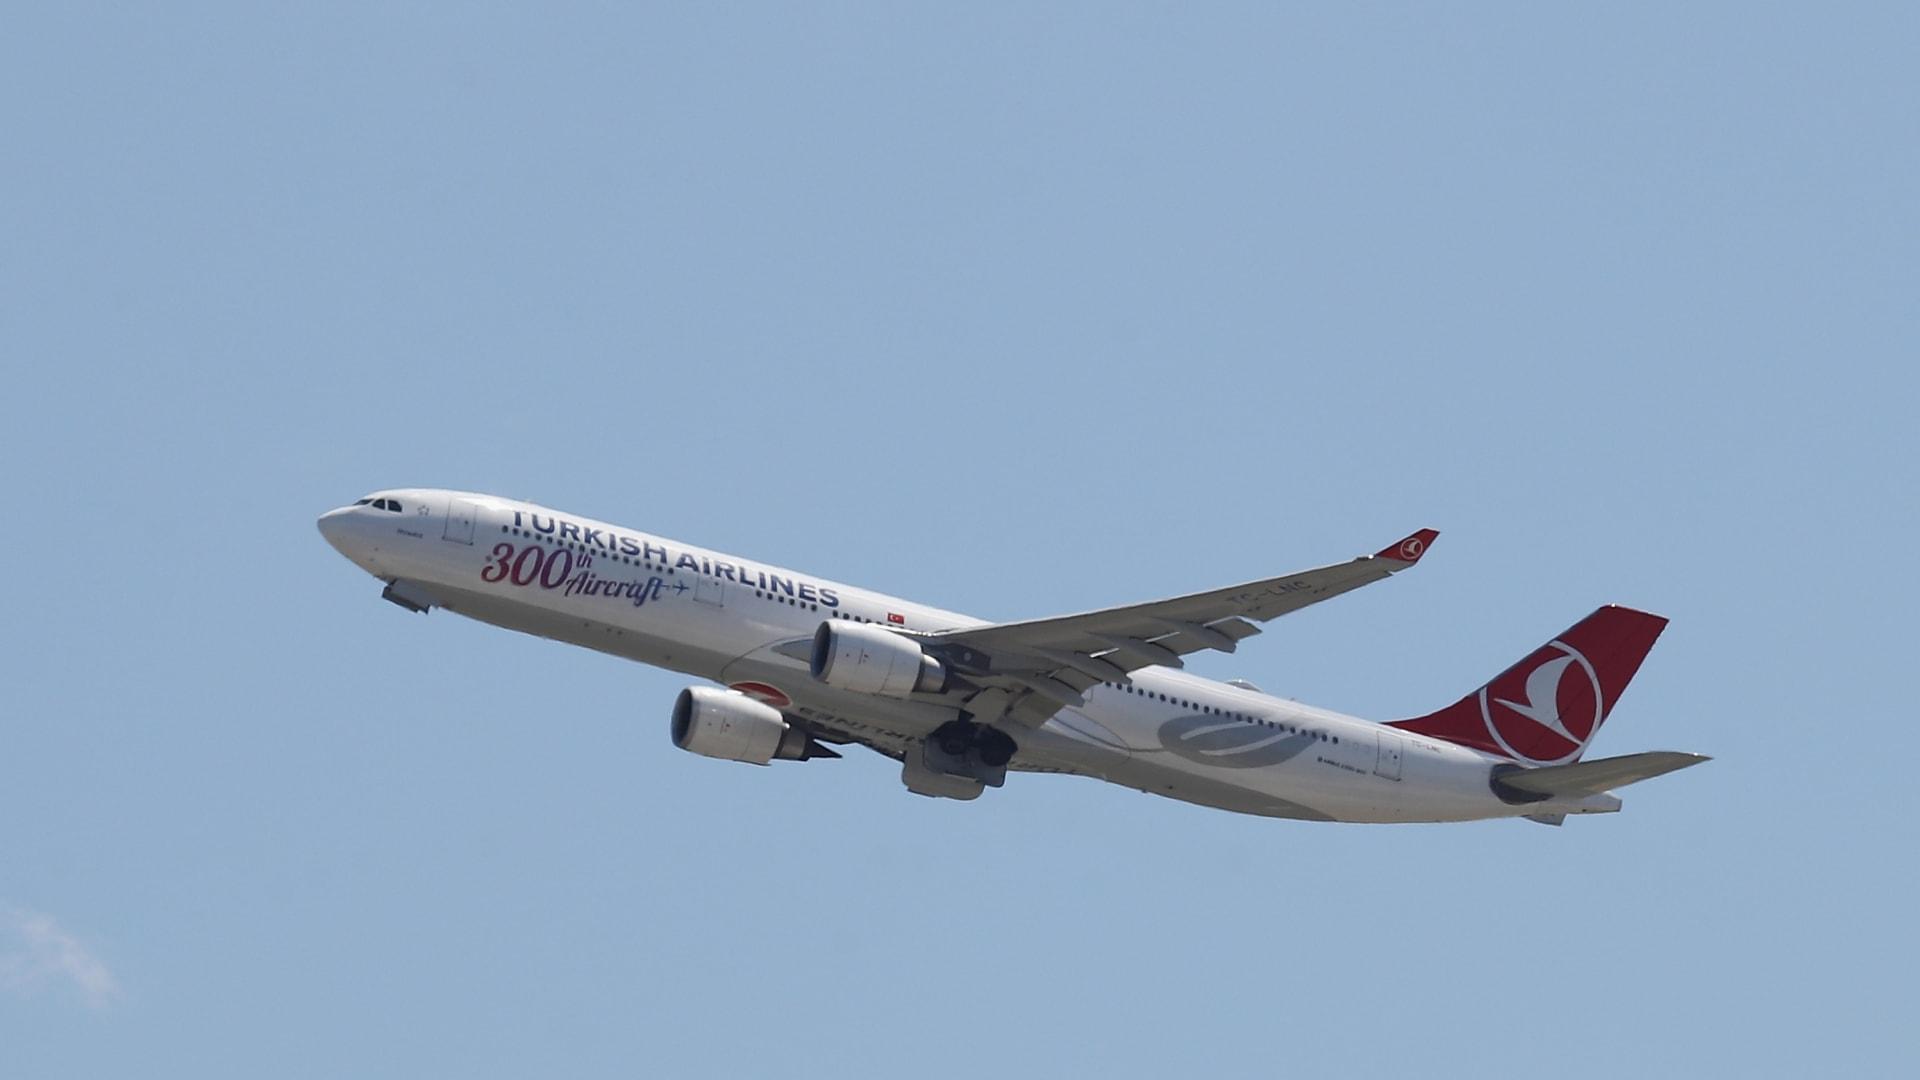 طائرة إيرباص A330 تديرها الخطوط الجوية التركية من مطار جون كنيدي في 24 أغسطس 2019 في حي كوينز بمدينة نيويورك